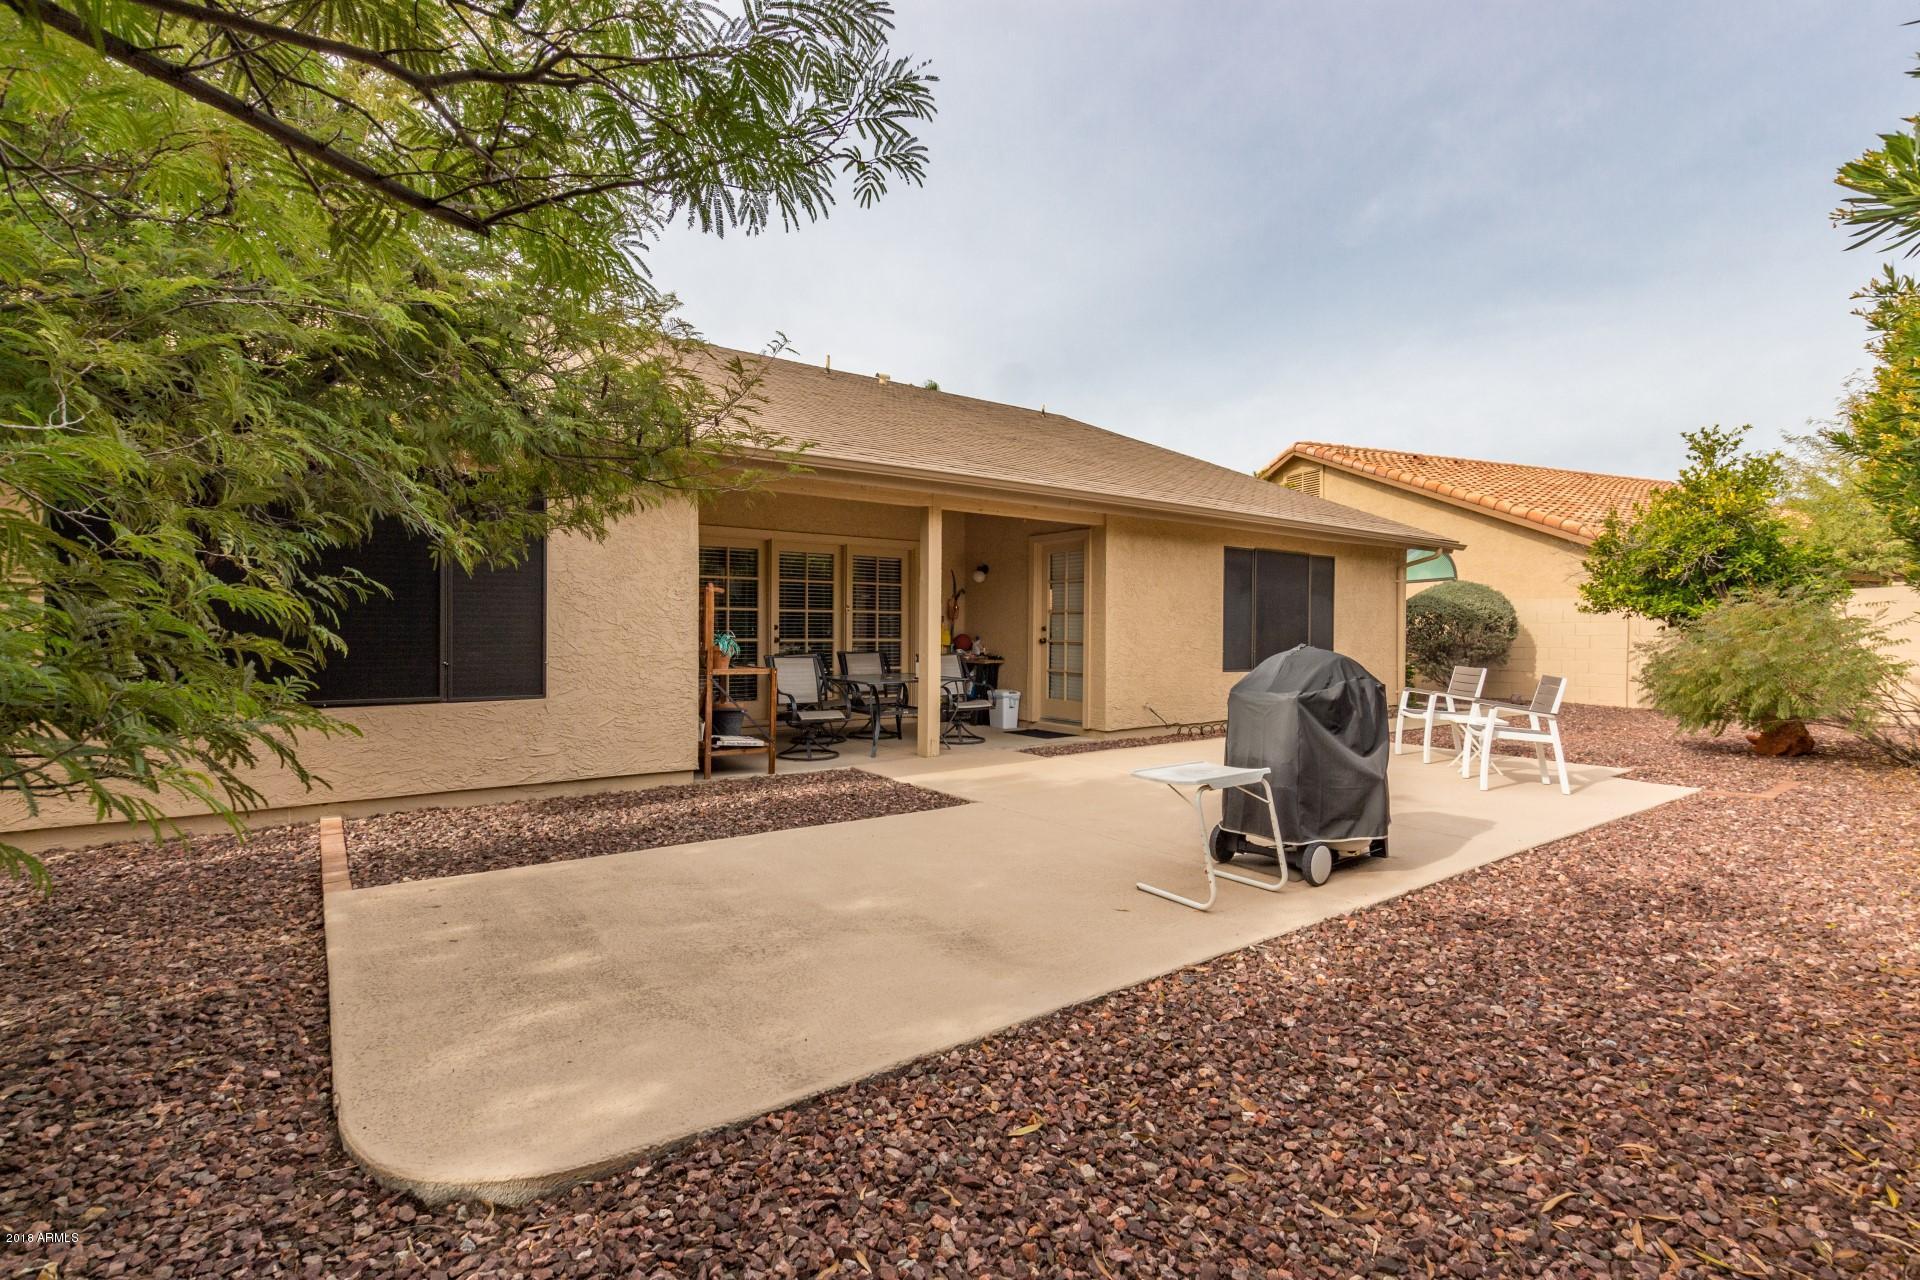 MLS 5854158 20005 N 98TH Lane, Peoria, AZ 85382 Peoria AZ Westbrook Village